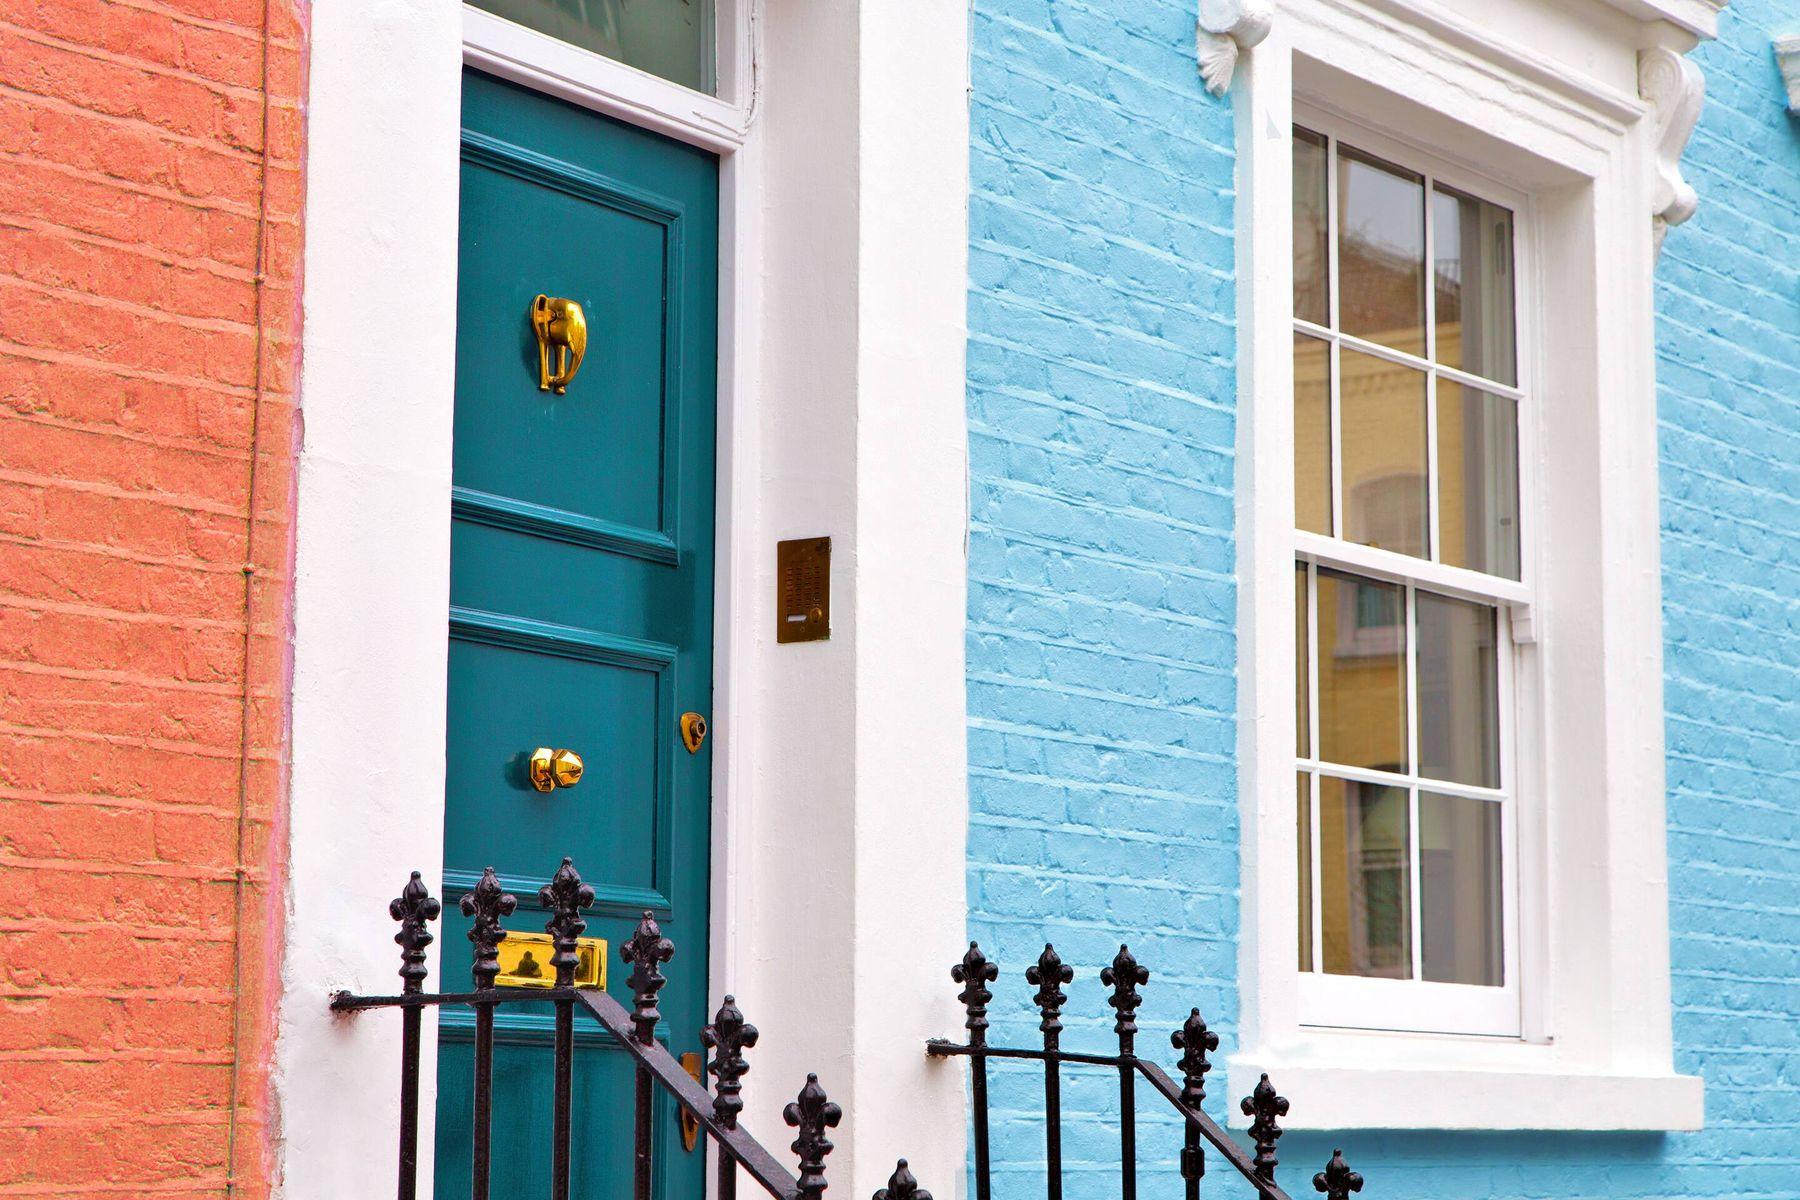 Tampak muka sebuah rumah dengan pintu biru